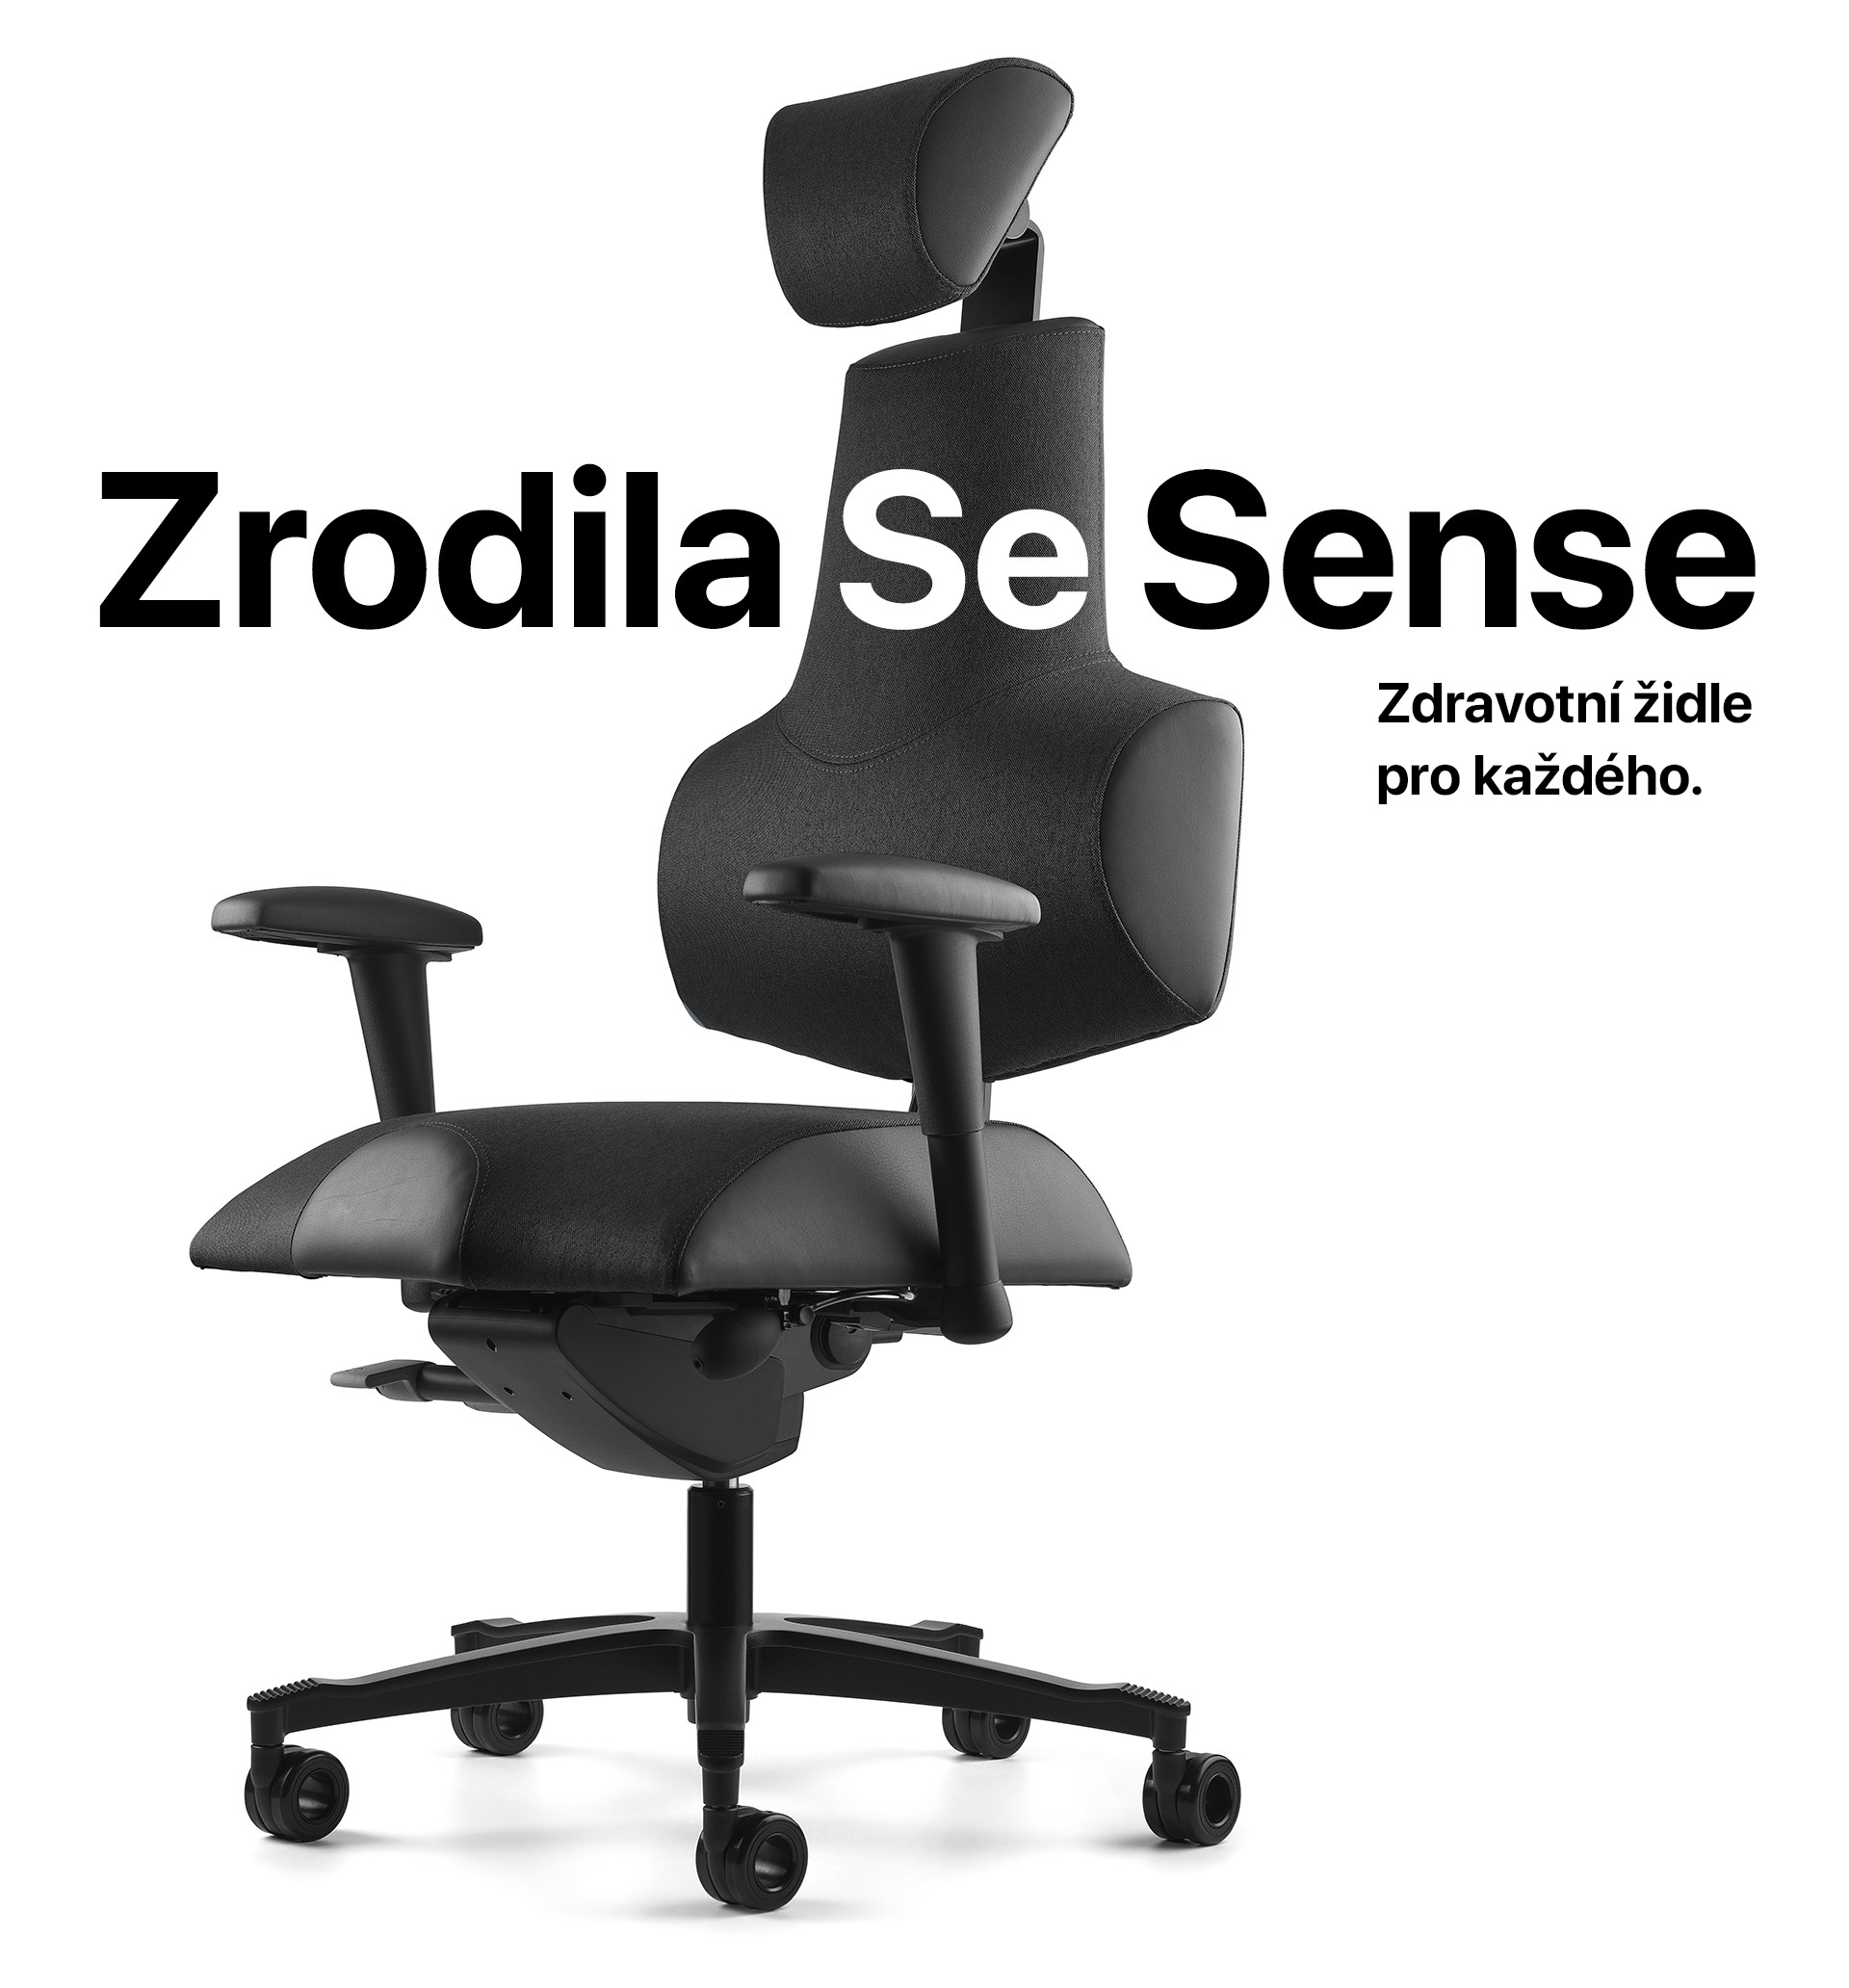 Zrodila se Sense zdravotní židle pro každého